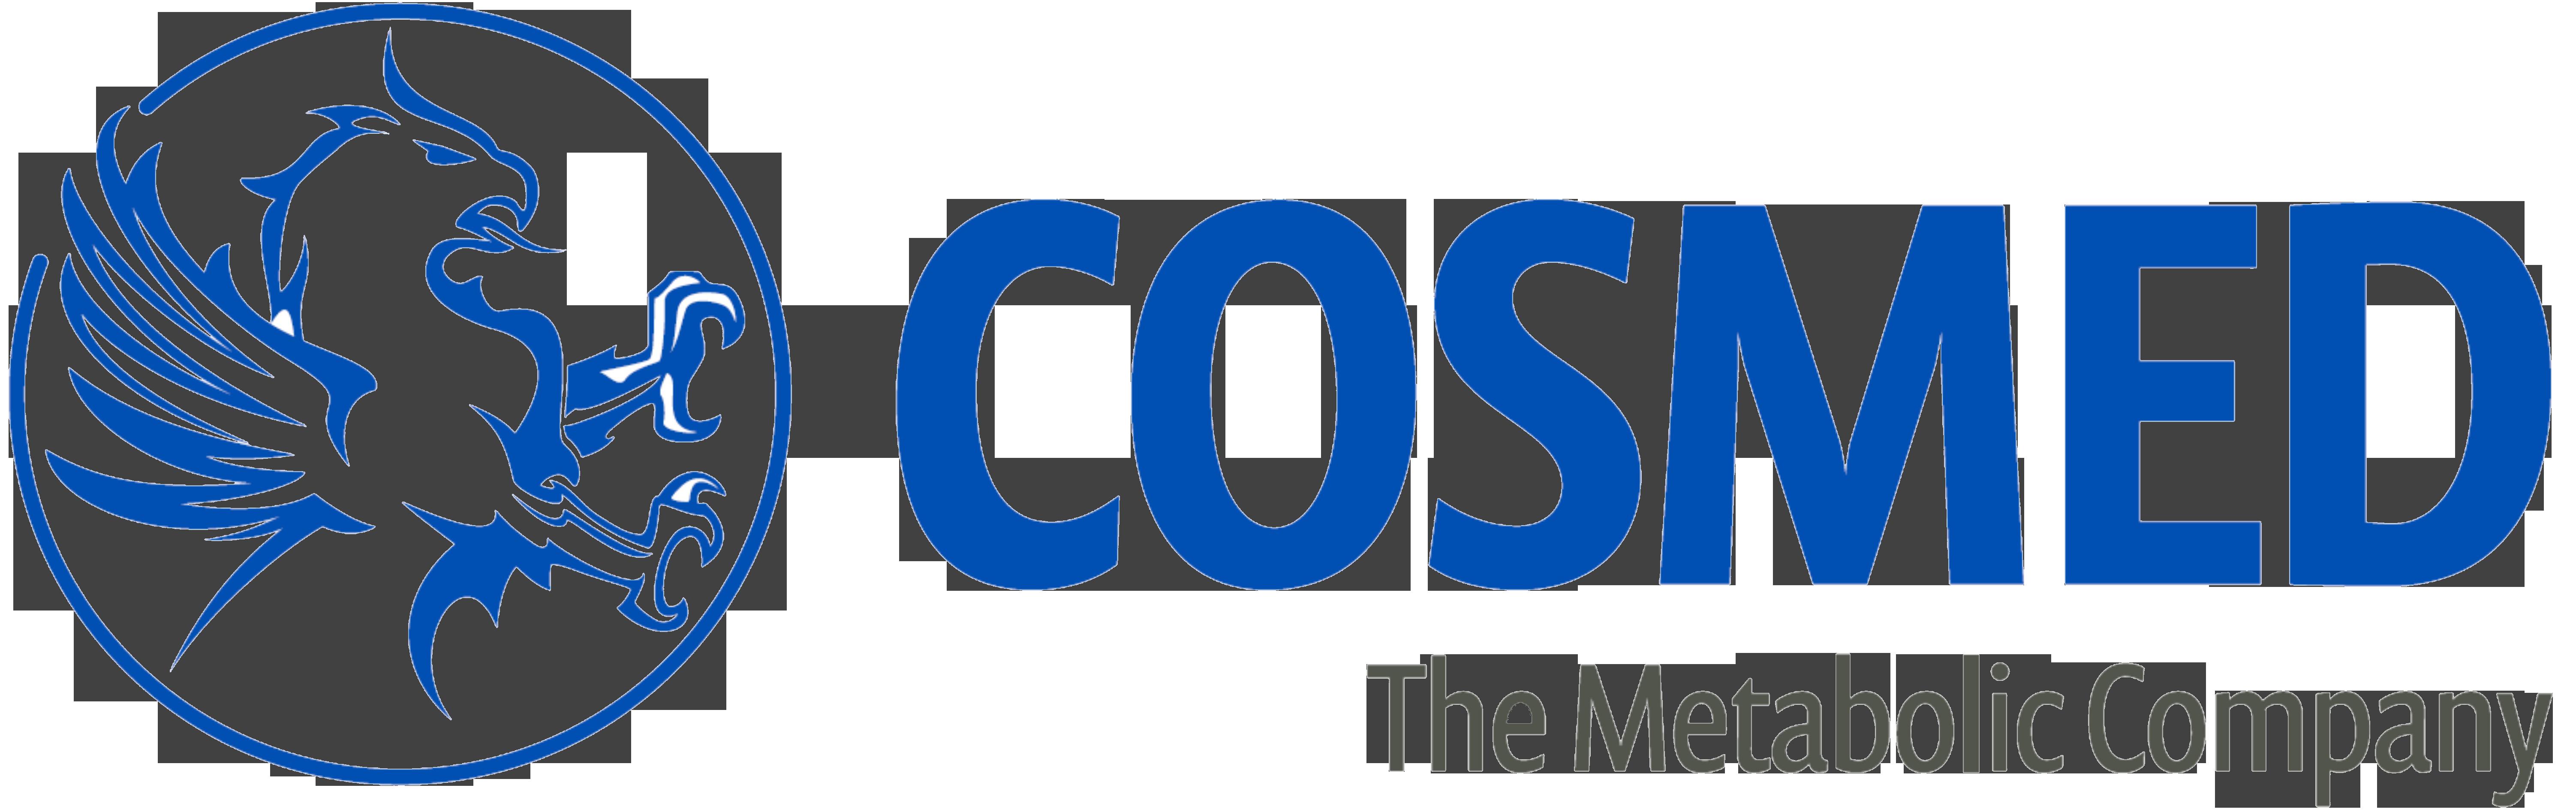 ستاره تابان طب- اسپیرومتری- گروه شرکت های ستاره- Cosmed - بادی باکس-body box- PFT-IOS- spirometry- دستگاه- chest- vitalograph- ریه